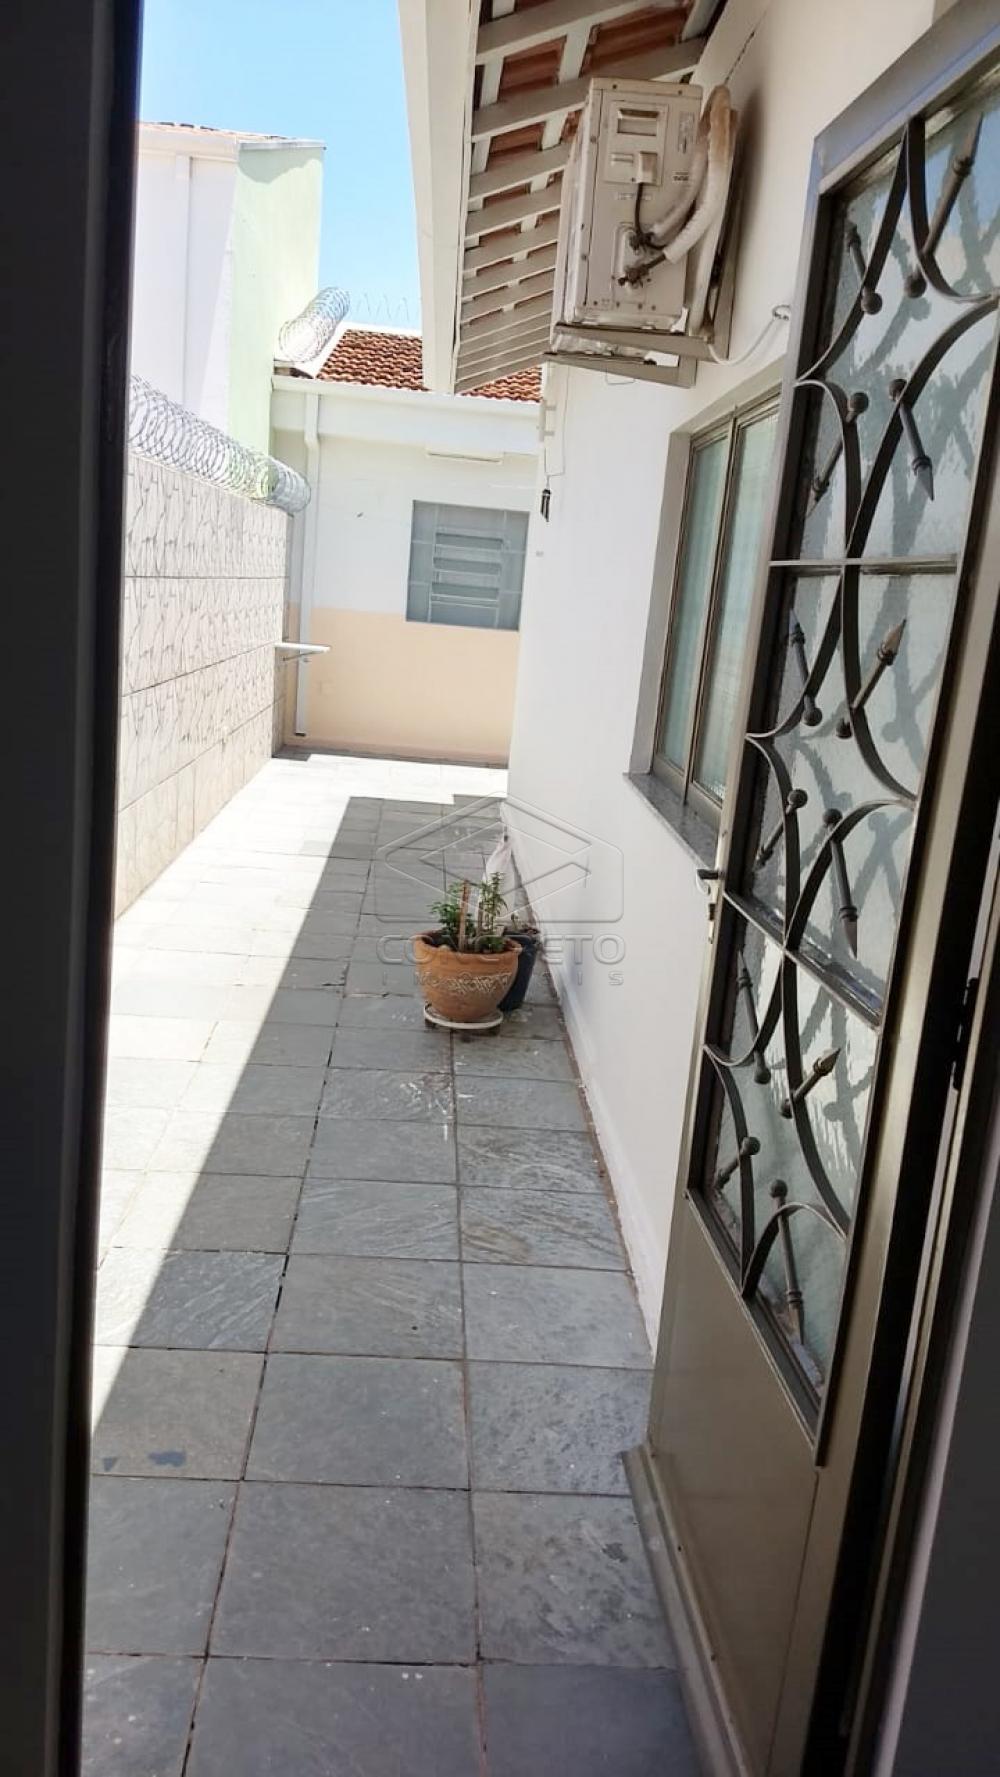 Comprar Casa / Residencia em Jaú apenas R$ 305.000,00 - Foto 23